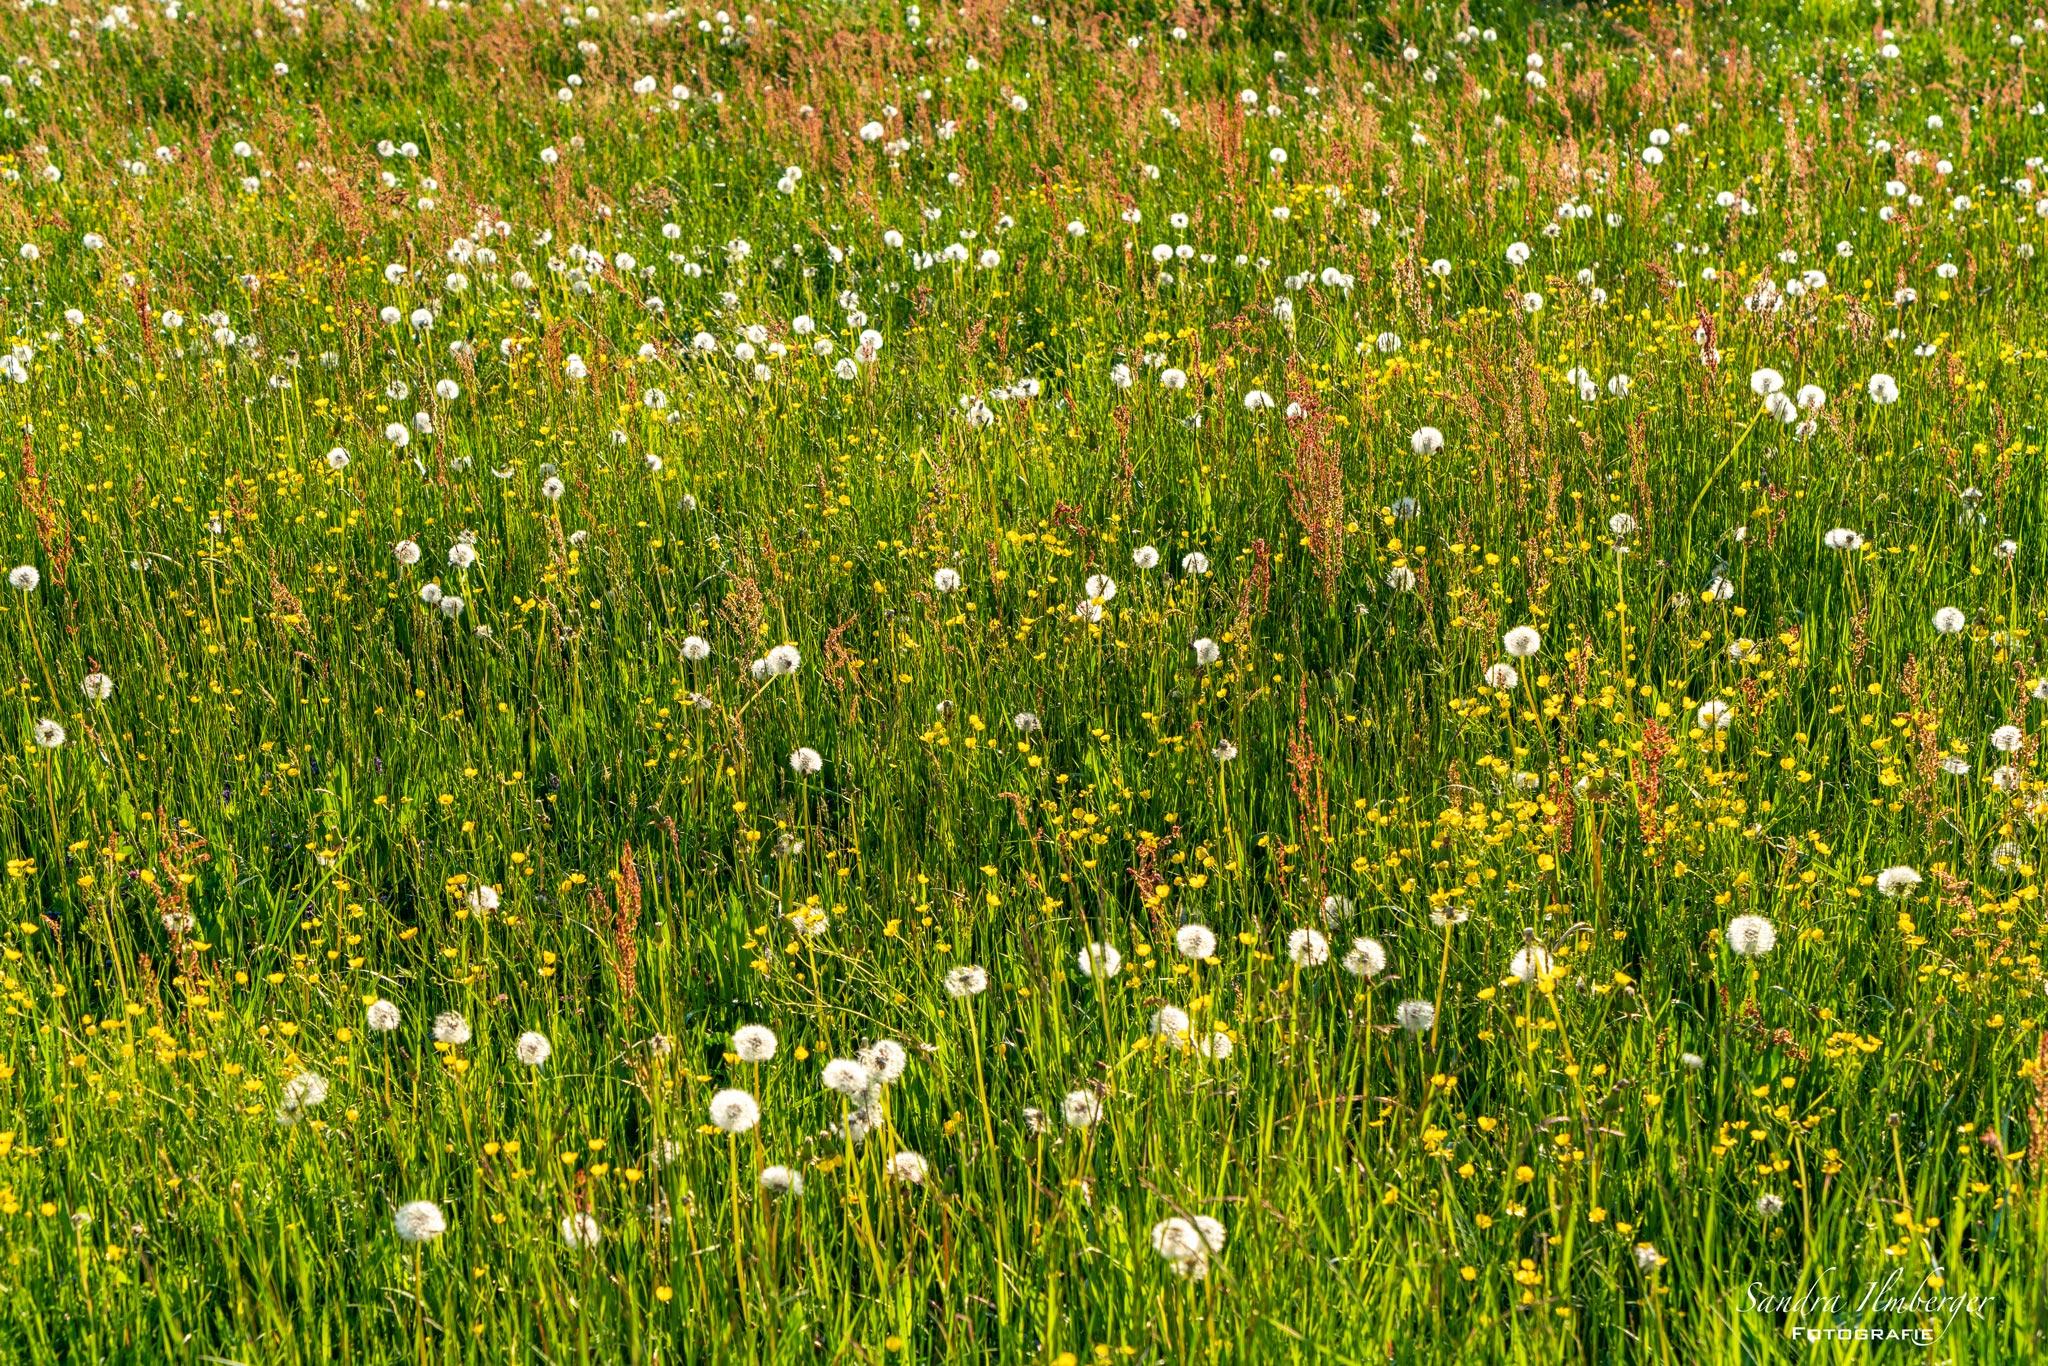 Nistplätze und Lebensraum bieten die Blühfläschen von Wildblumenwiesen (Foto: Sandra Ilmberger)